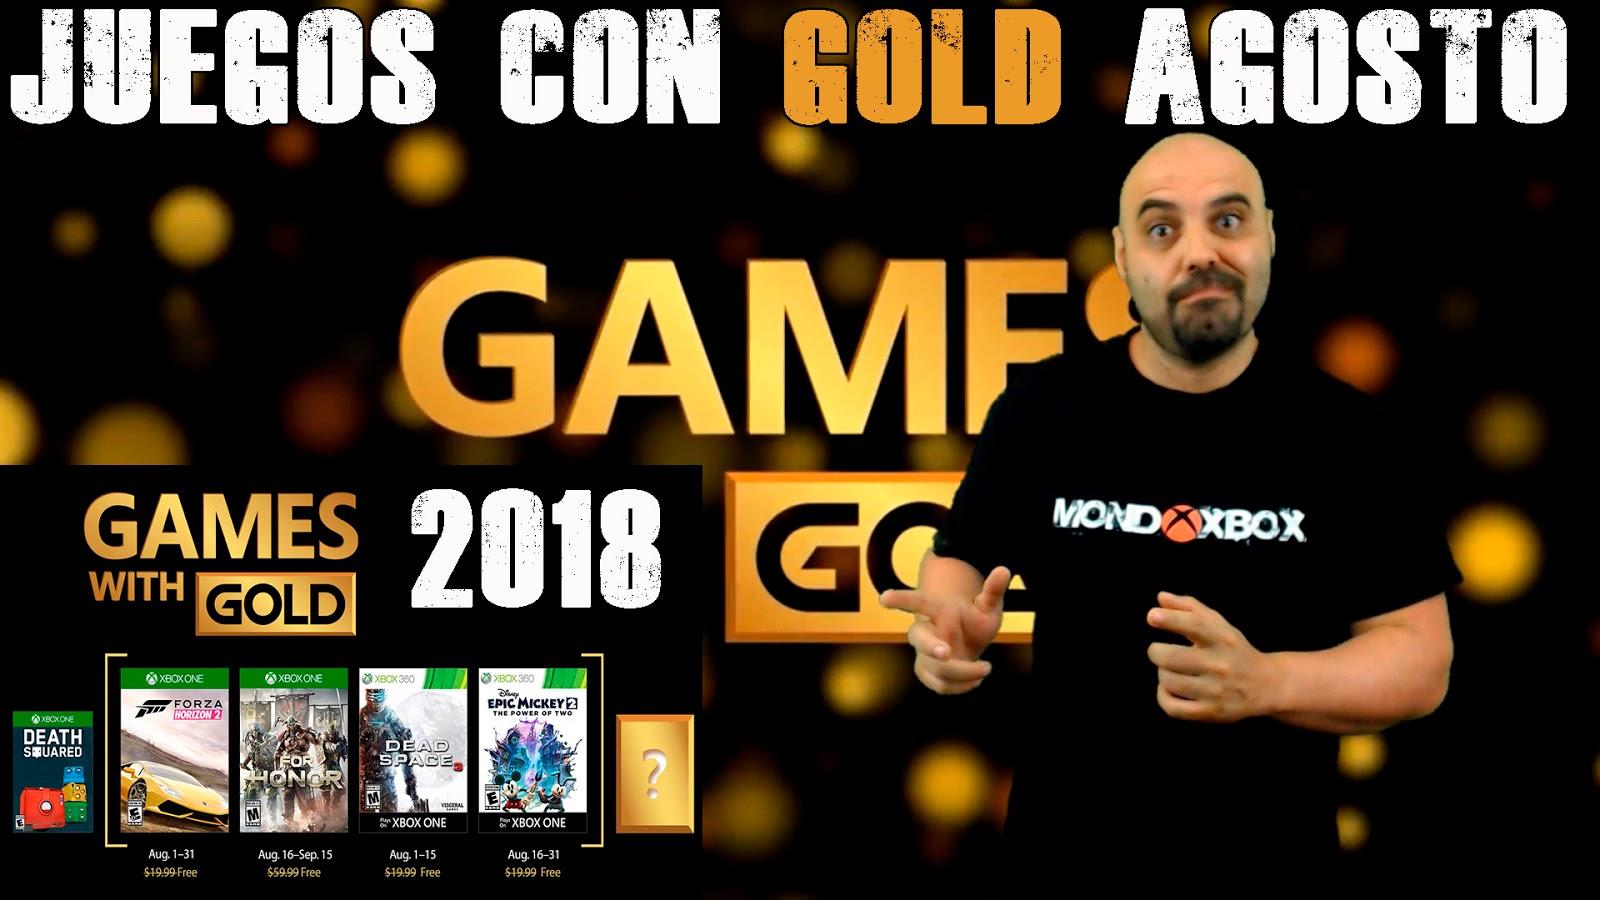 Mondoxbox Juegos Con Gold Agosto 2018 August S Games